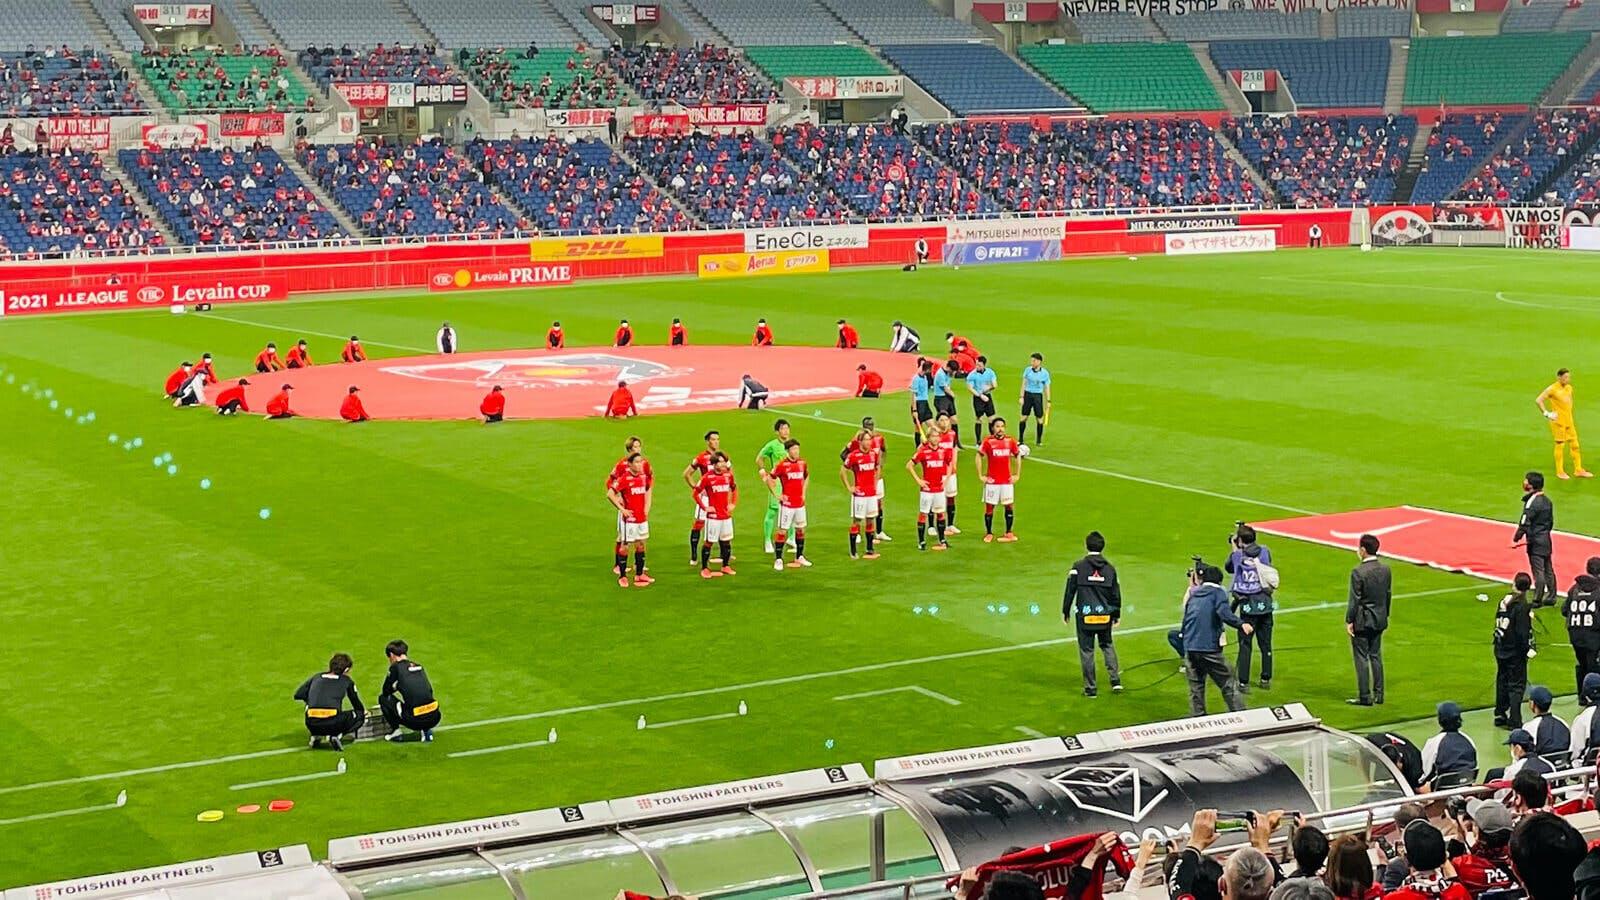 2021 Jリーグ YBC ルヴァンカップ グループステージ 第6節 埼玉スタジアム2002 横浜FC戦